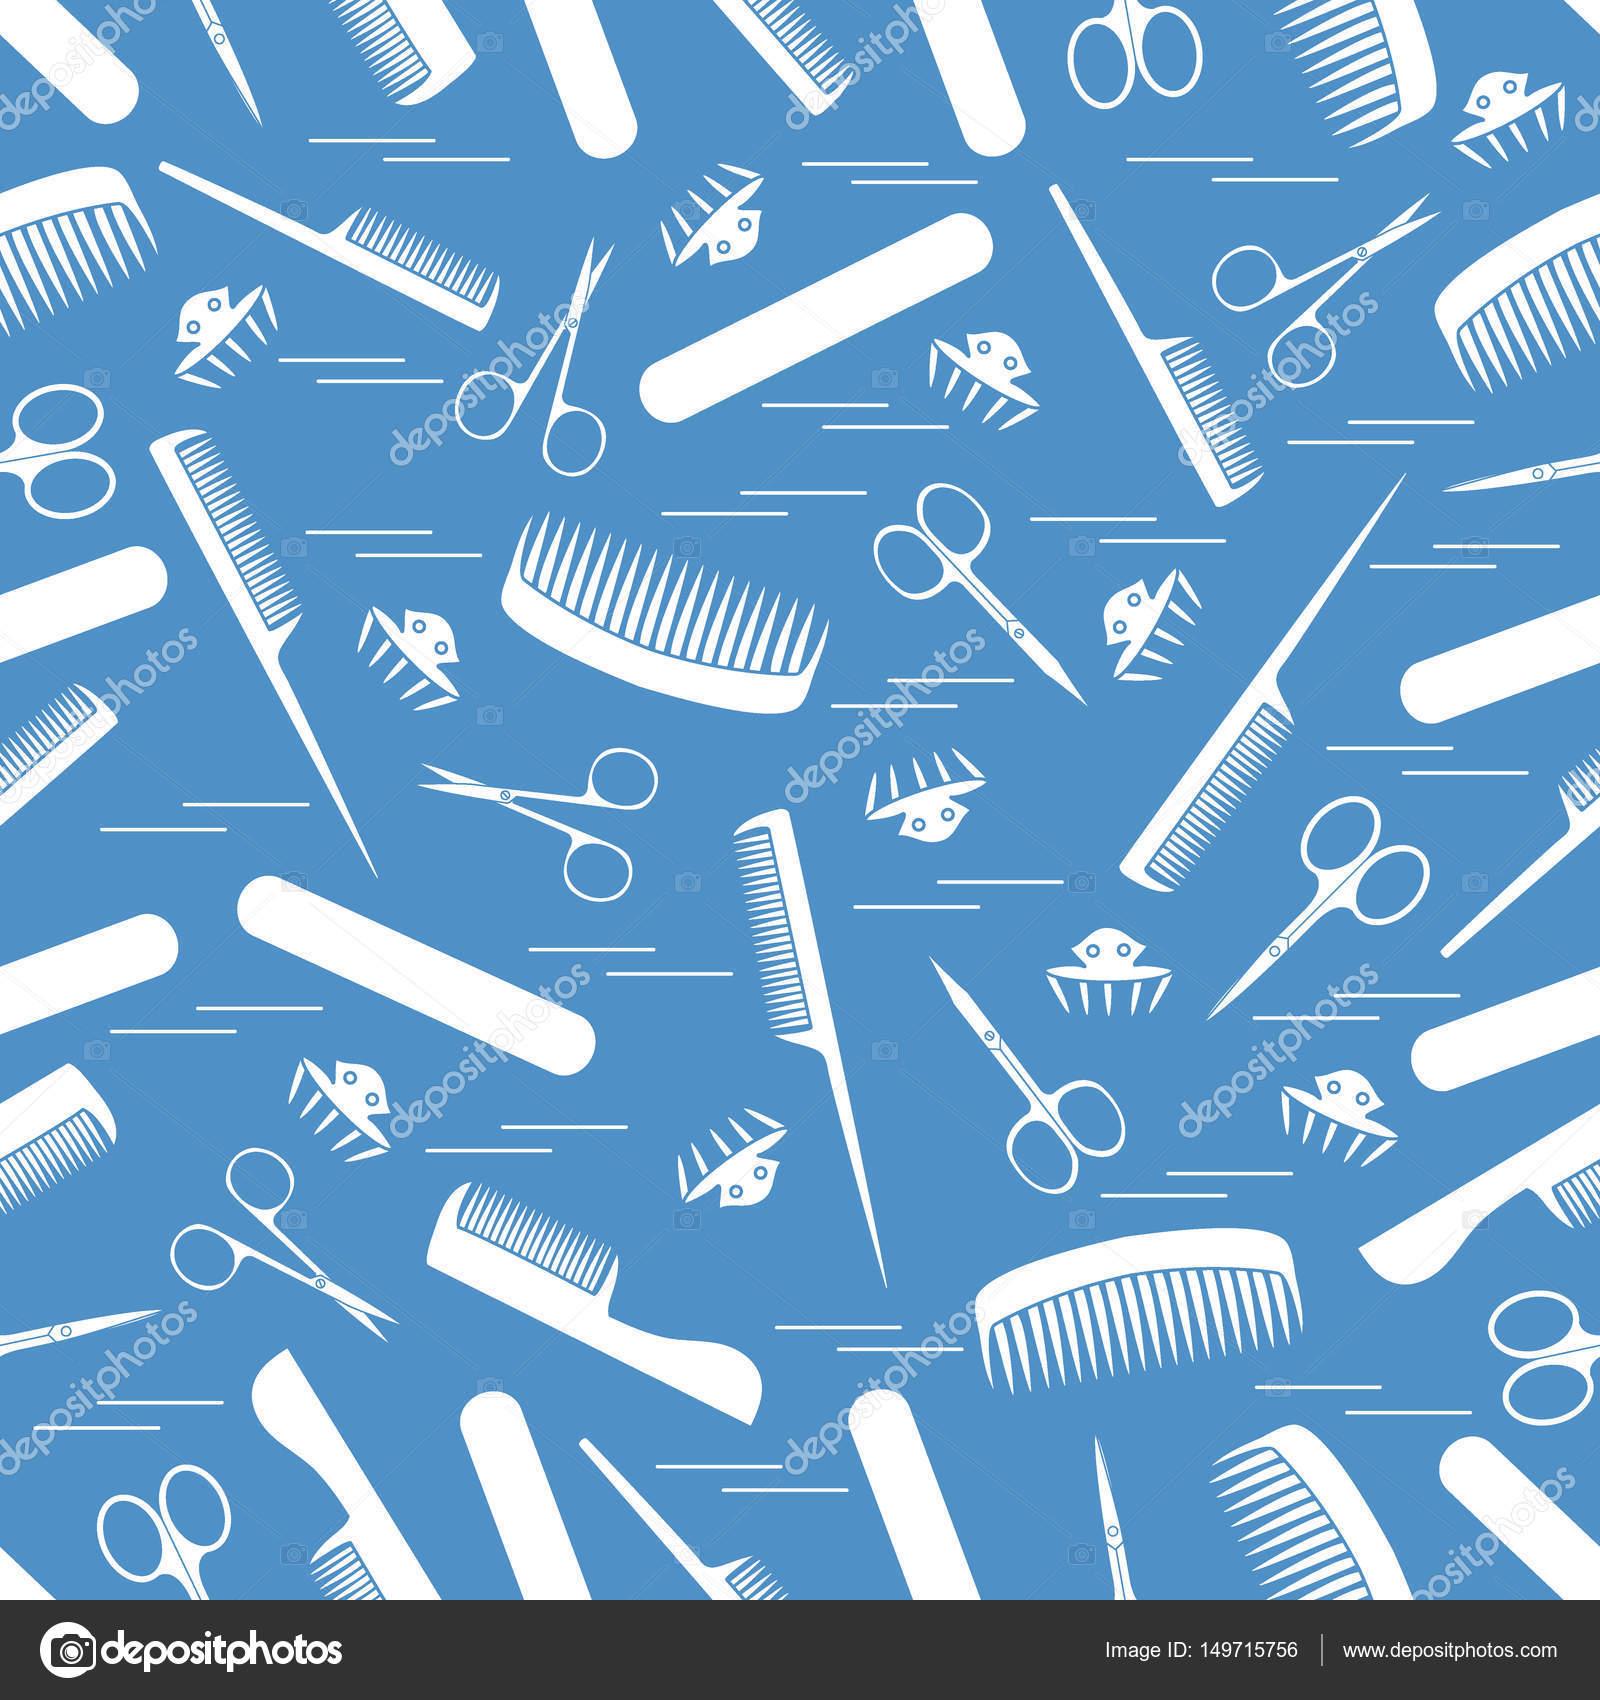 niedliches muster schere fr die manikre und pedikre kmme nagel stockvektor - Muster Fur Nagel